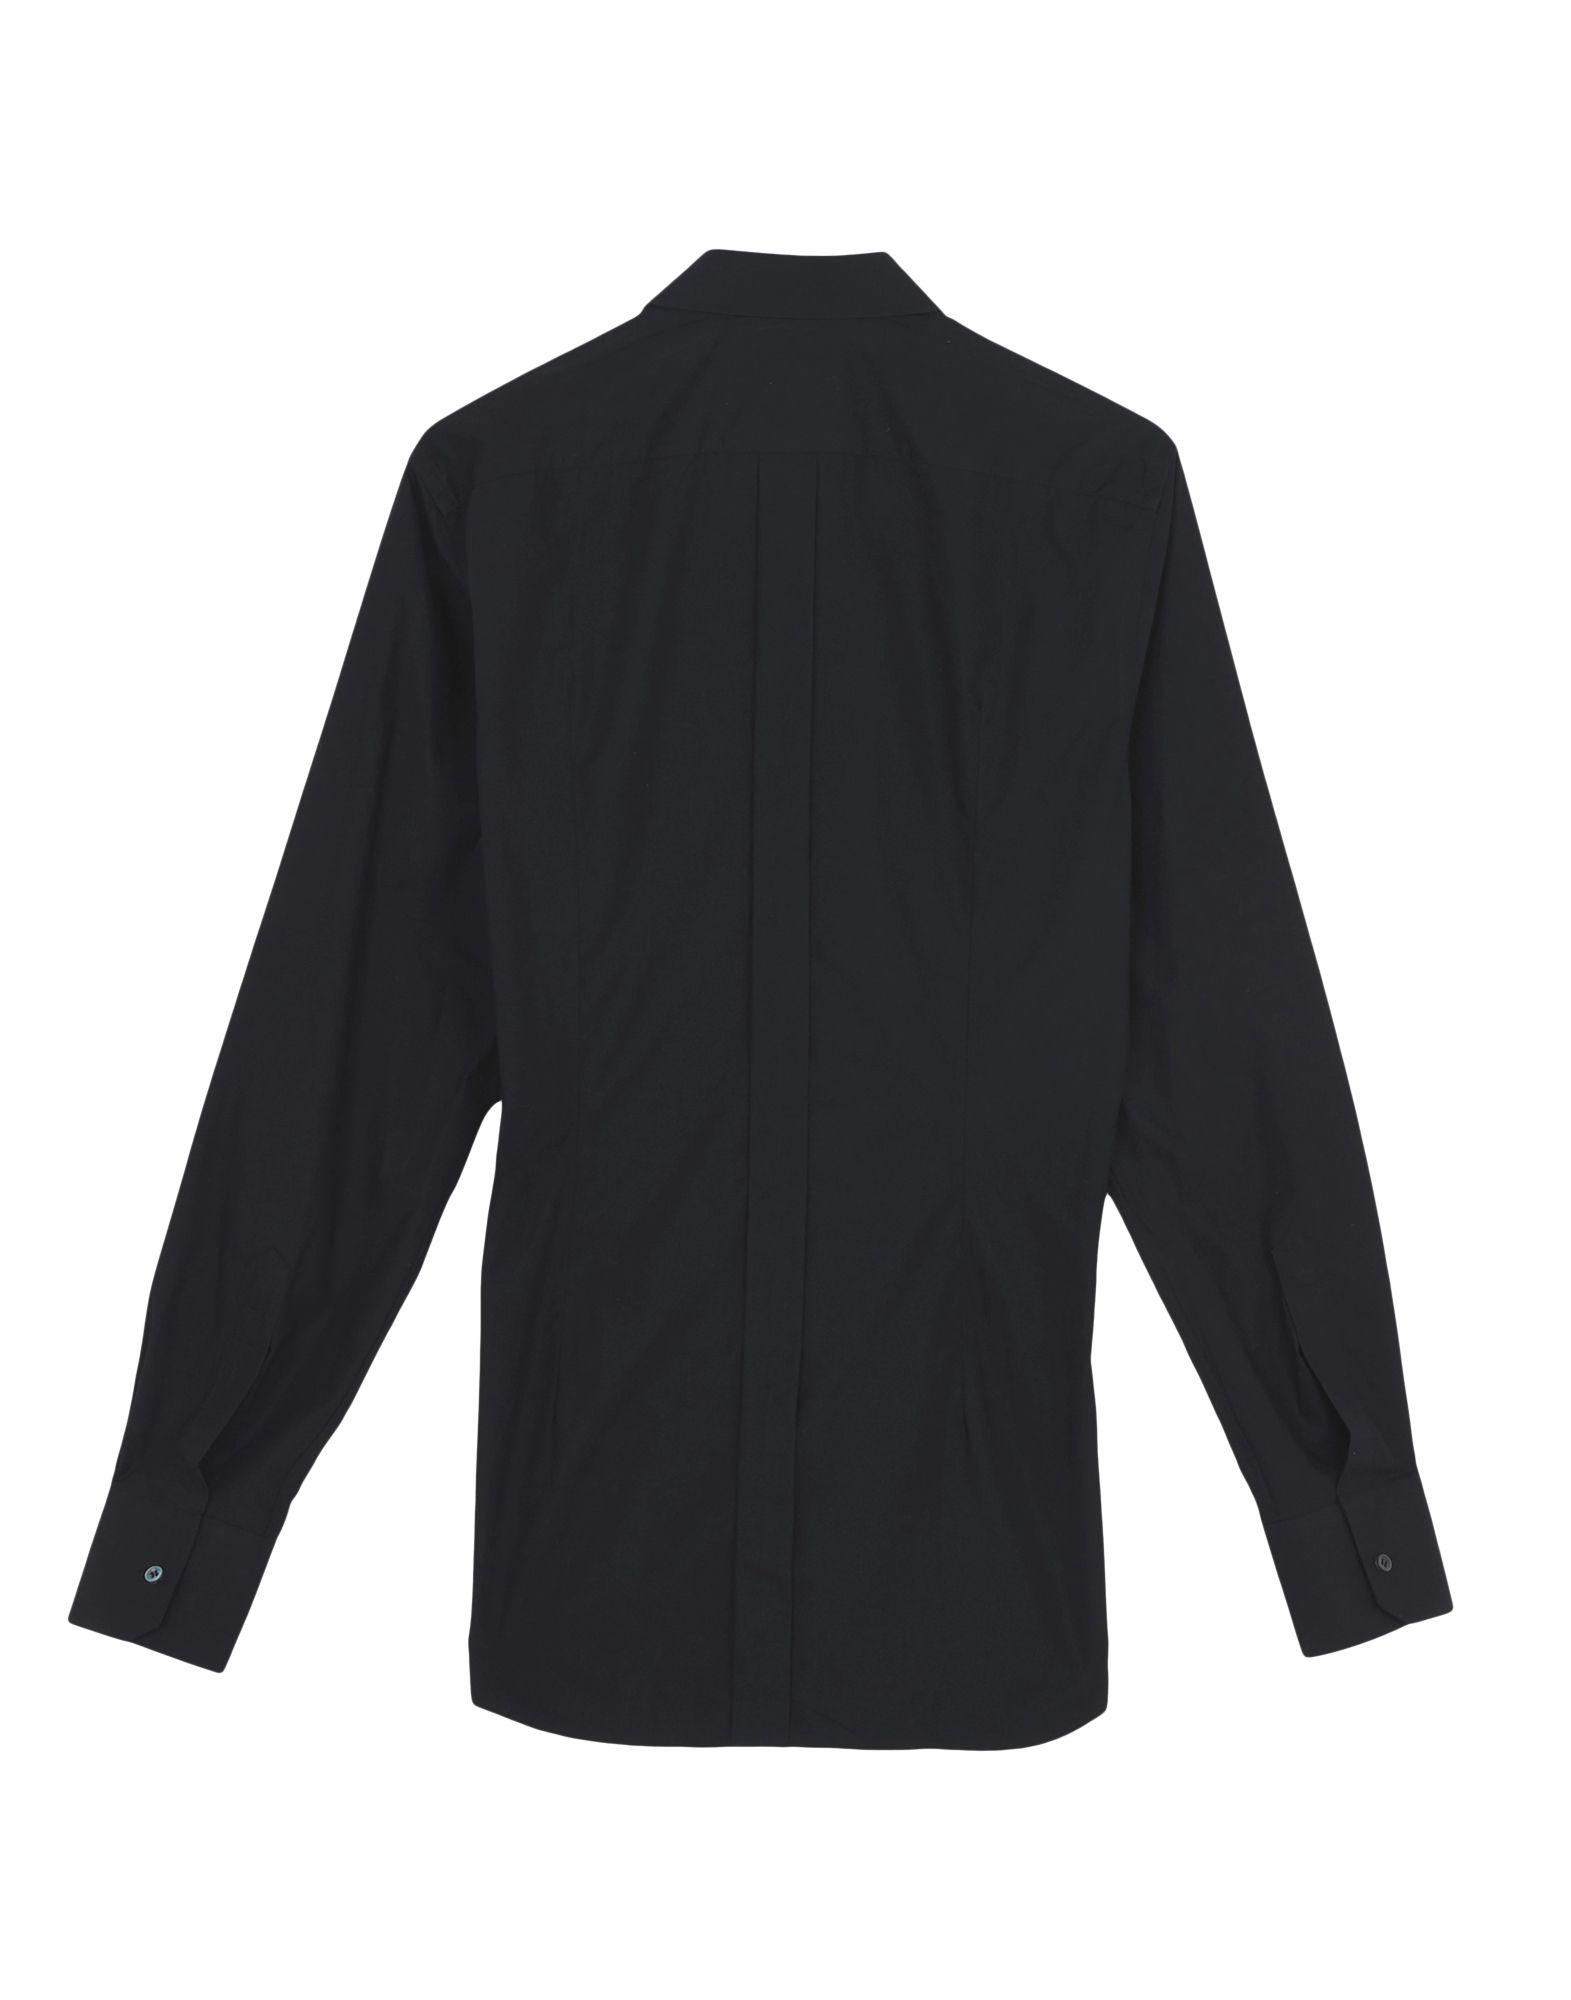 Camicia Tinta Unita Dolce & Gabbana Uomo Uomo Gabbana - 38641112FP 5864e0